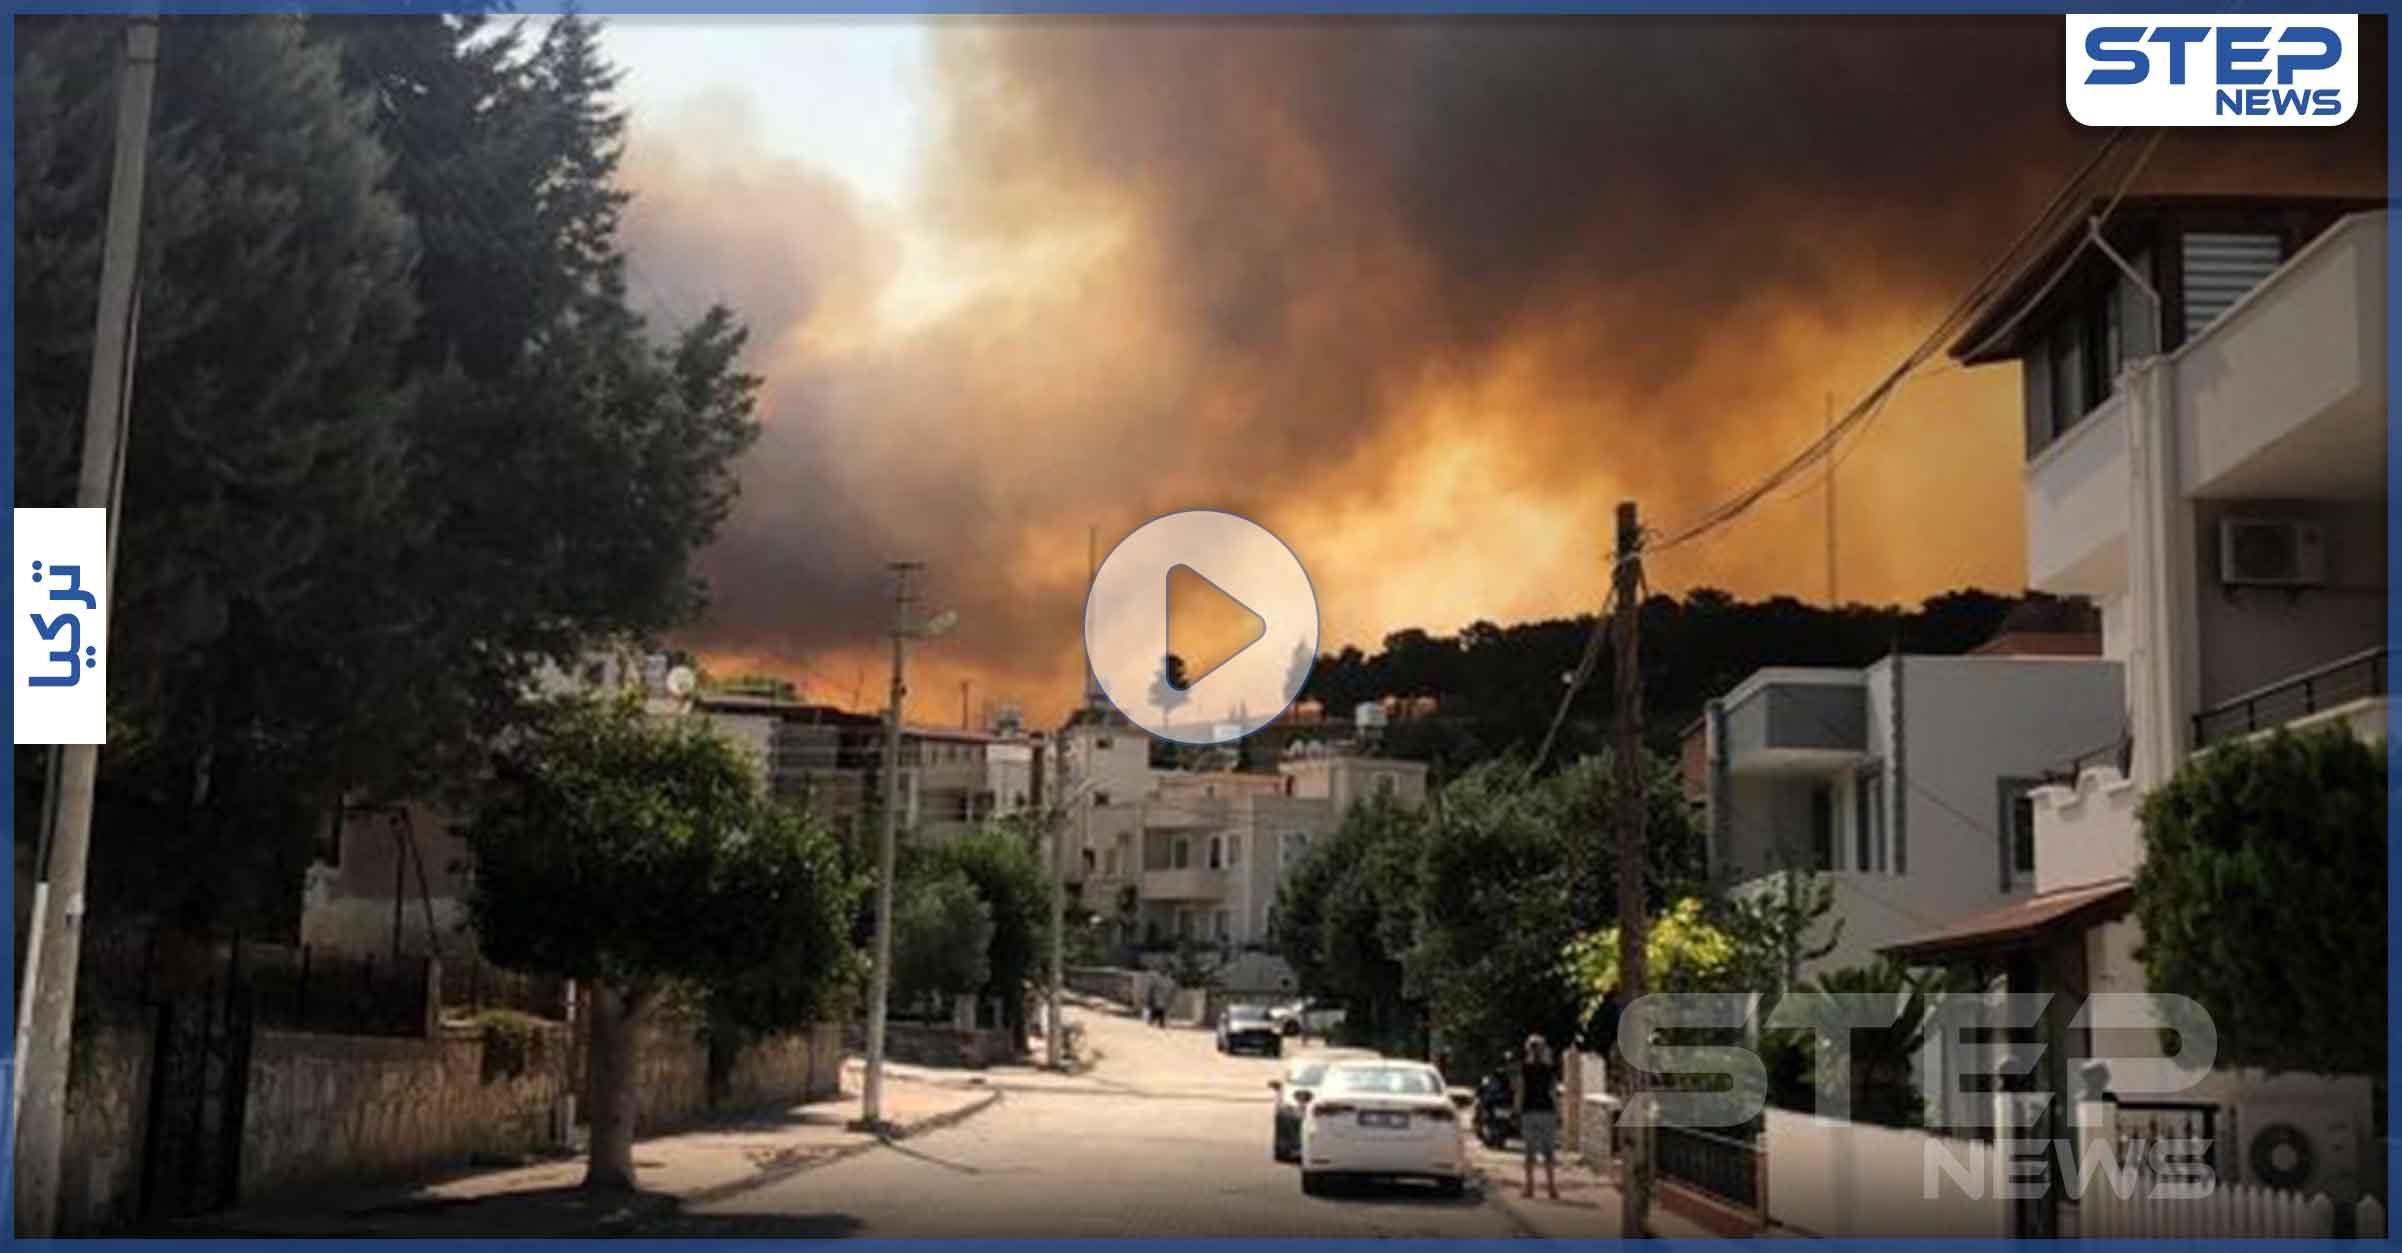 بالفيديو والصور|| تزامنا مع نيران الساحل السوري.. حرائق في هاتاي التركية تلتهم المنازل وتنذر بالخطر